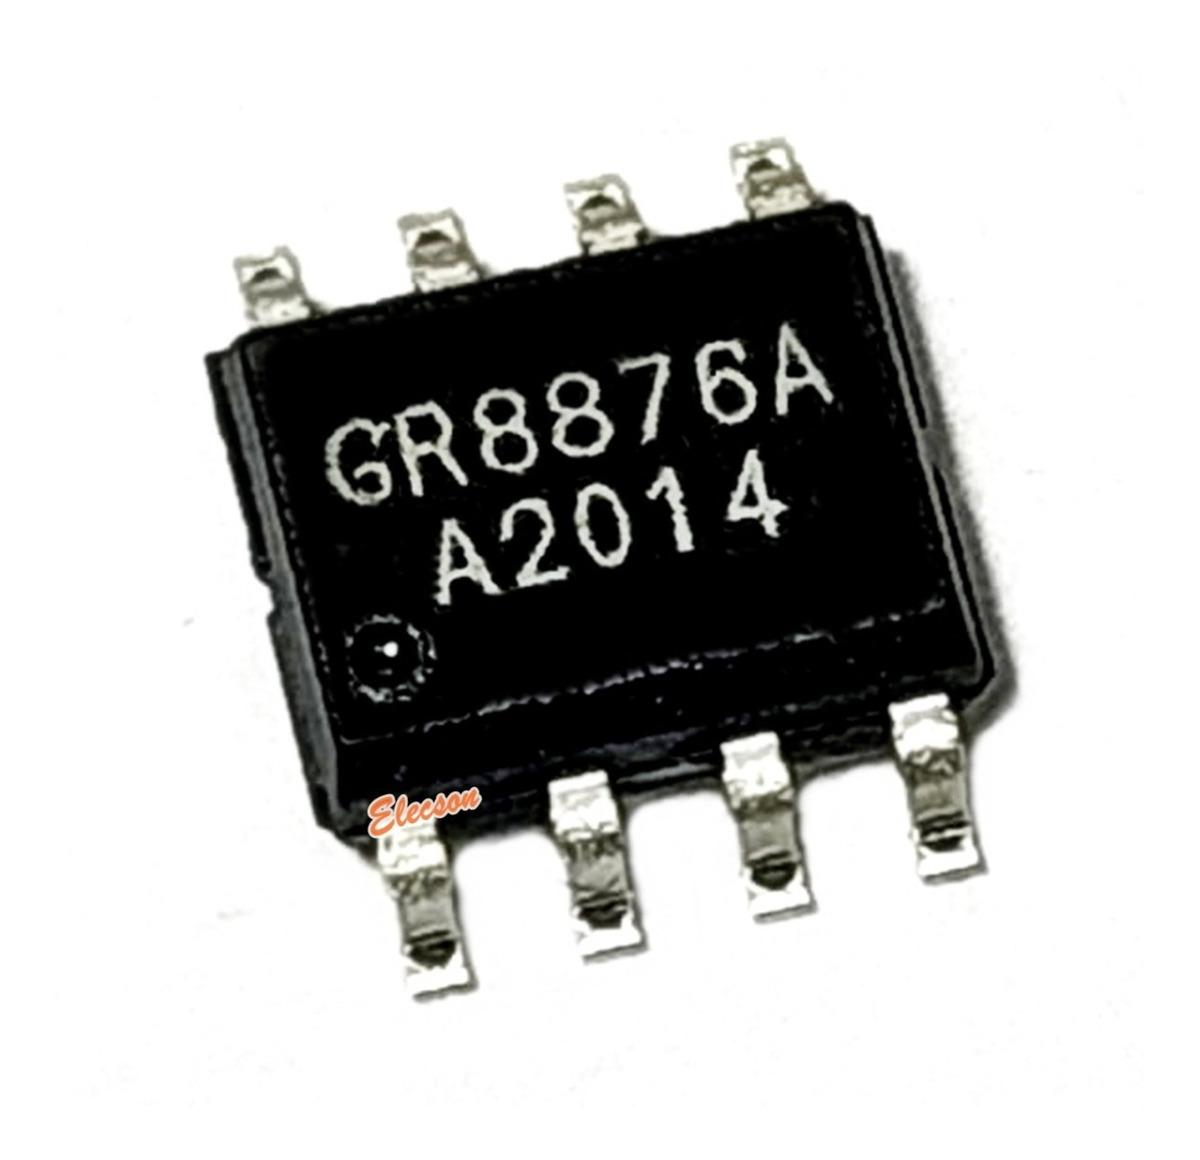 GR8876 Circuito Integrato